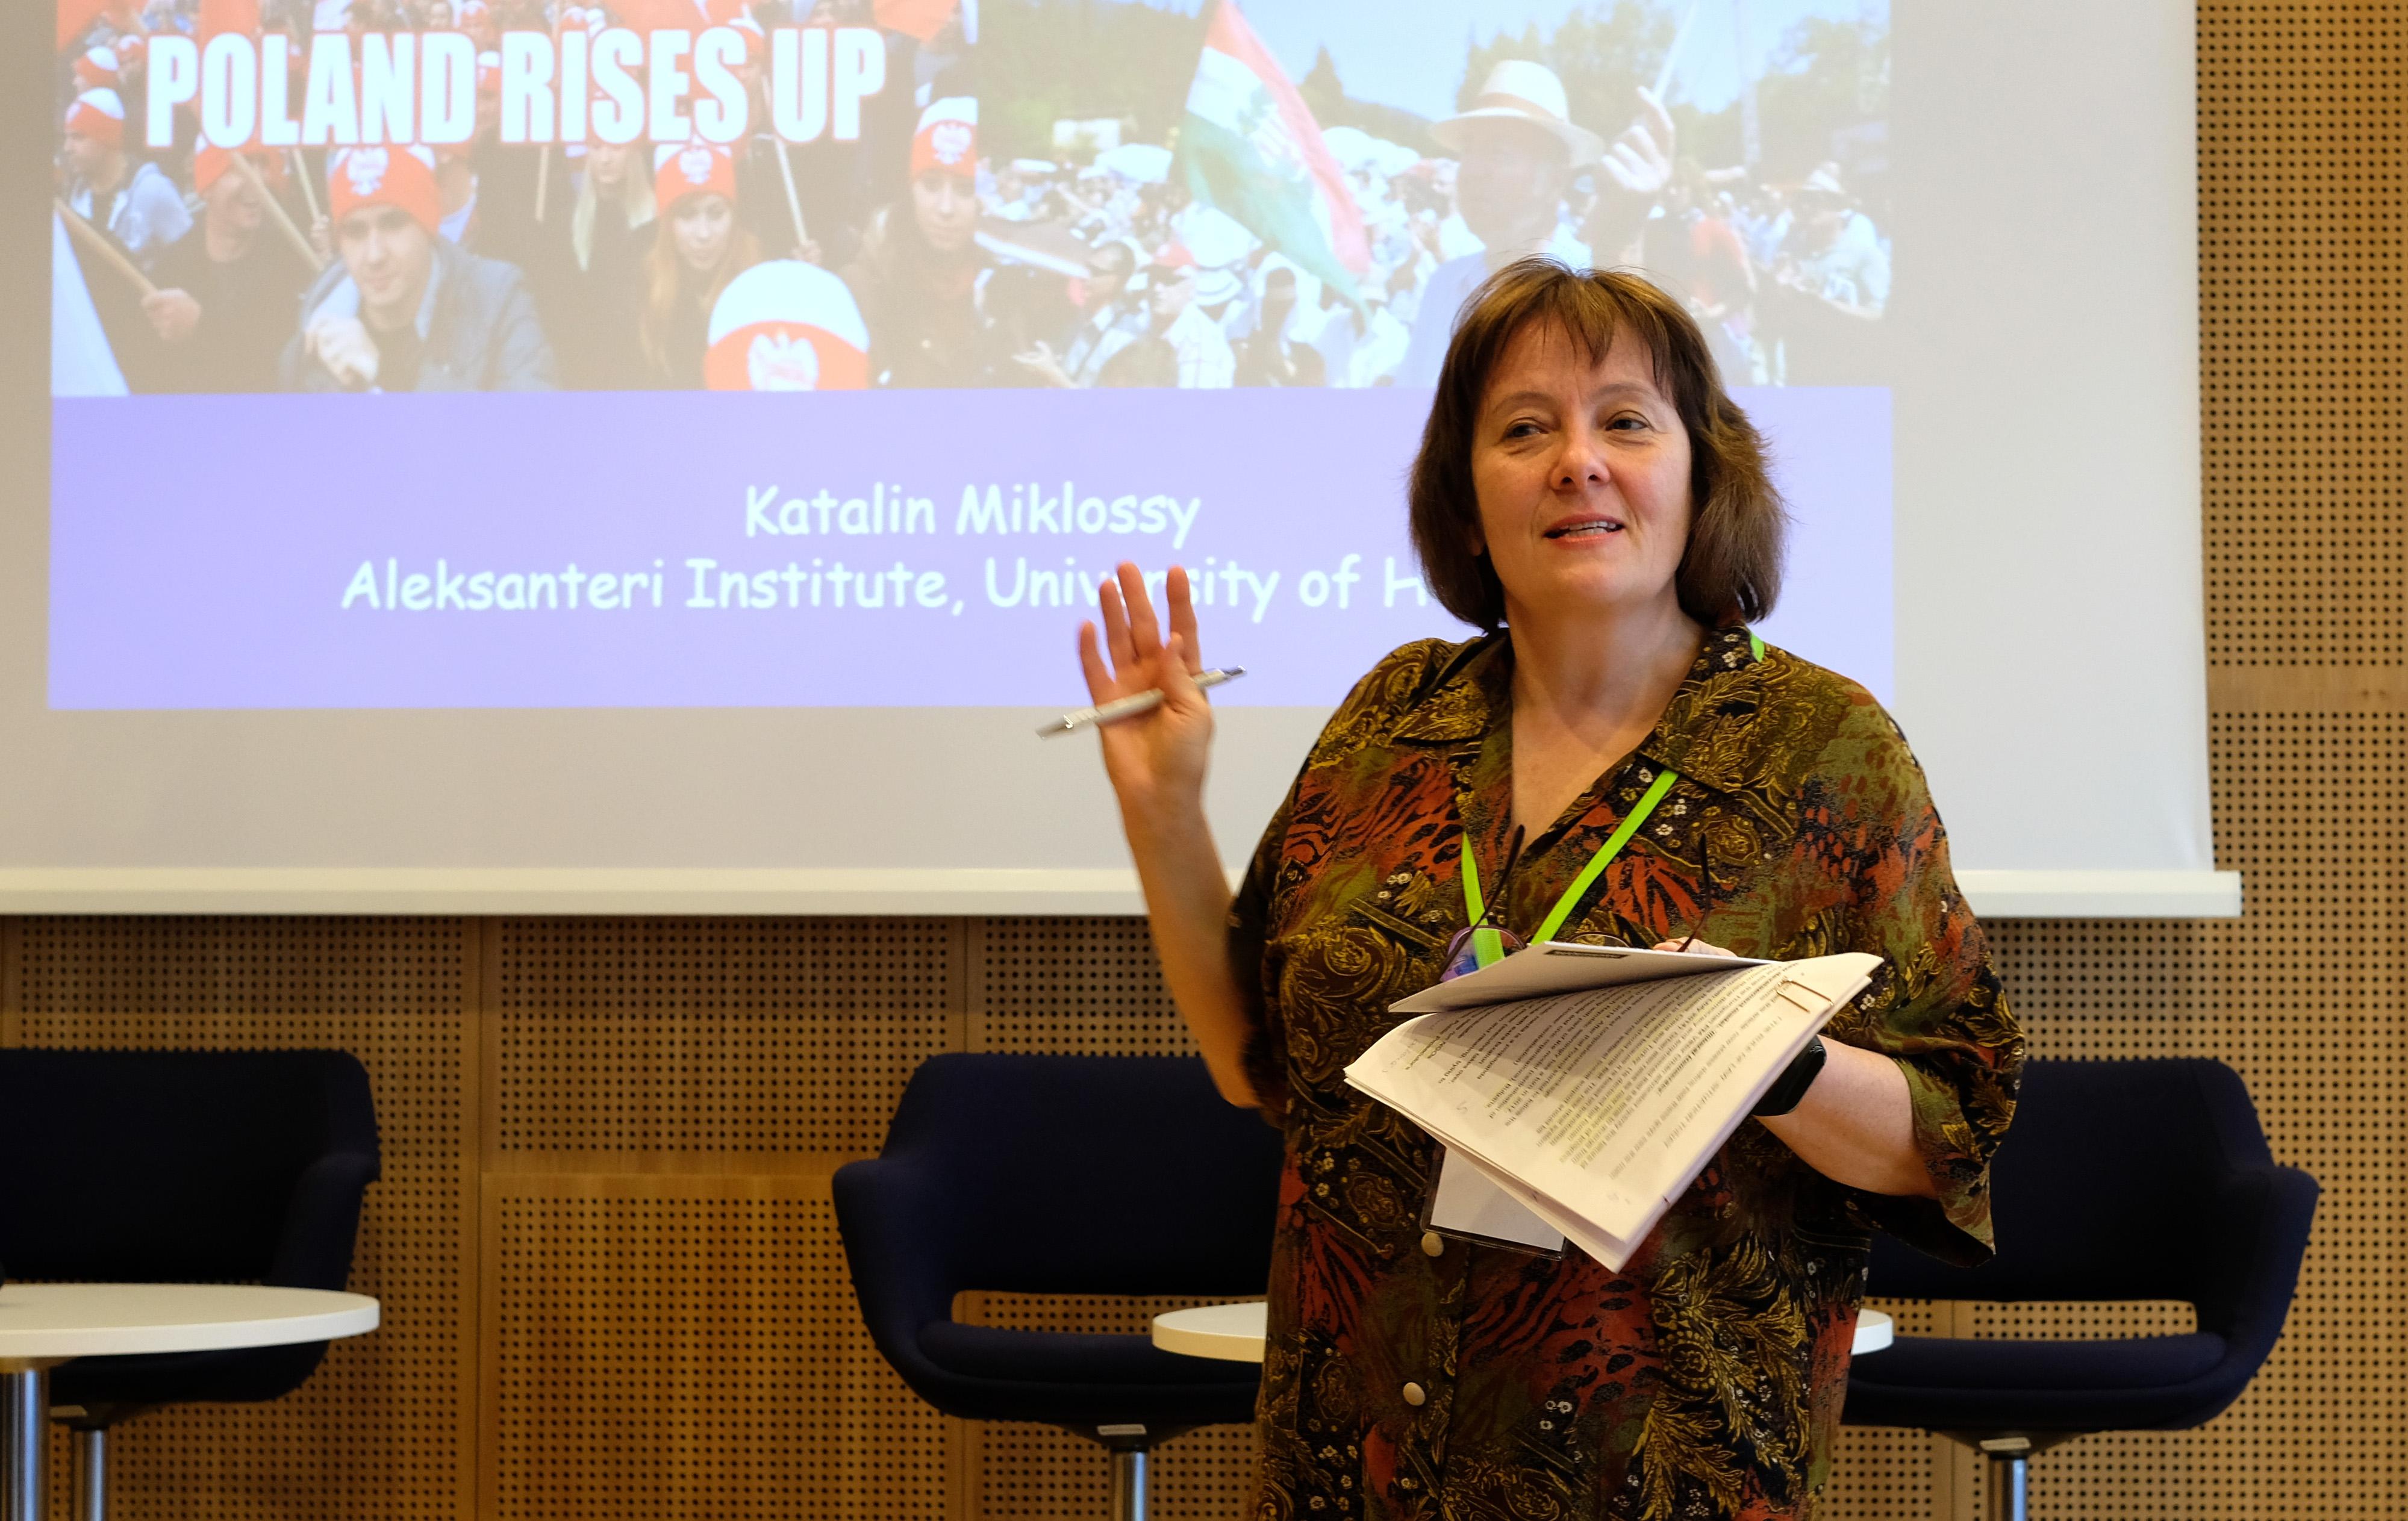 Katalin Miklossy Helsingin yliopistolta